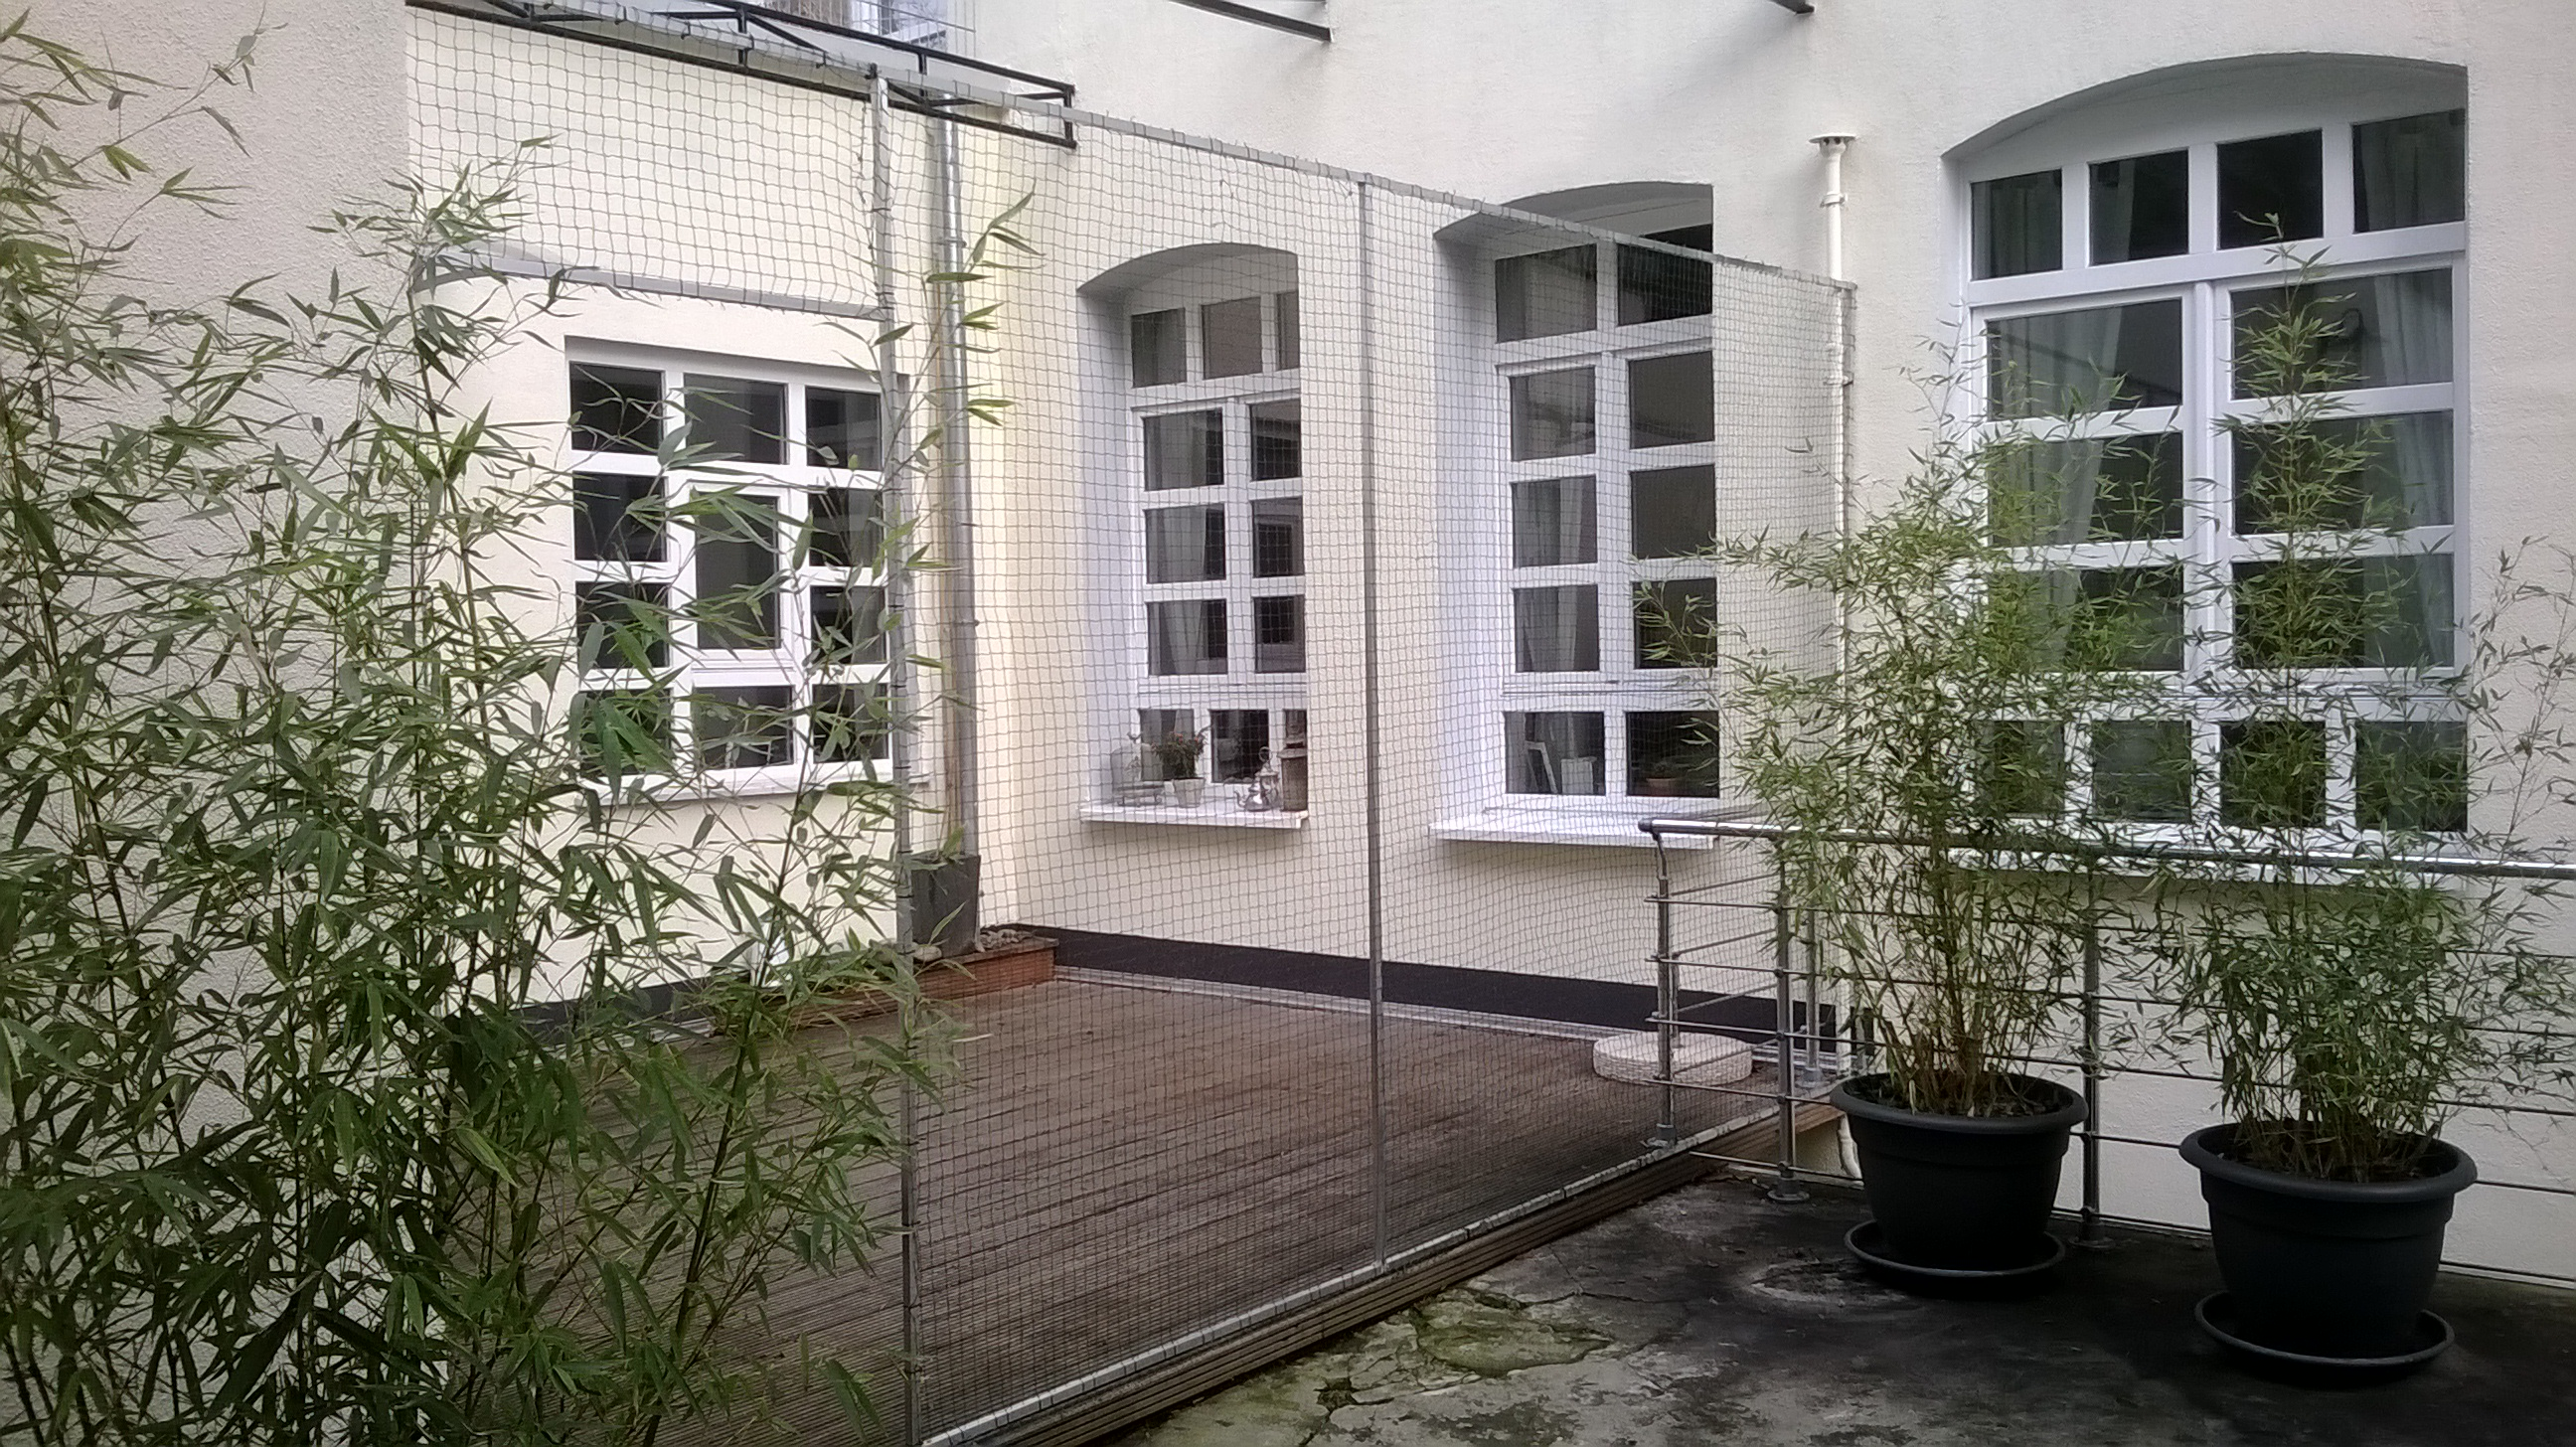 terrasse mit katzennetz system und durchgang in d sseldorf katzennetze nrw der katzennetz. Black Bedroom Furniture Sets. Home Design Ideas